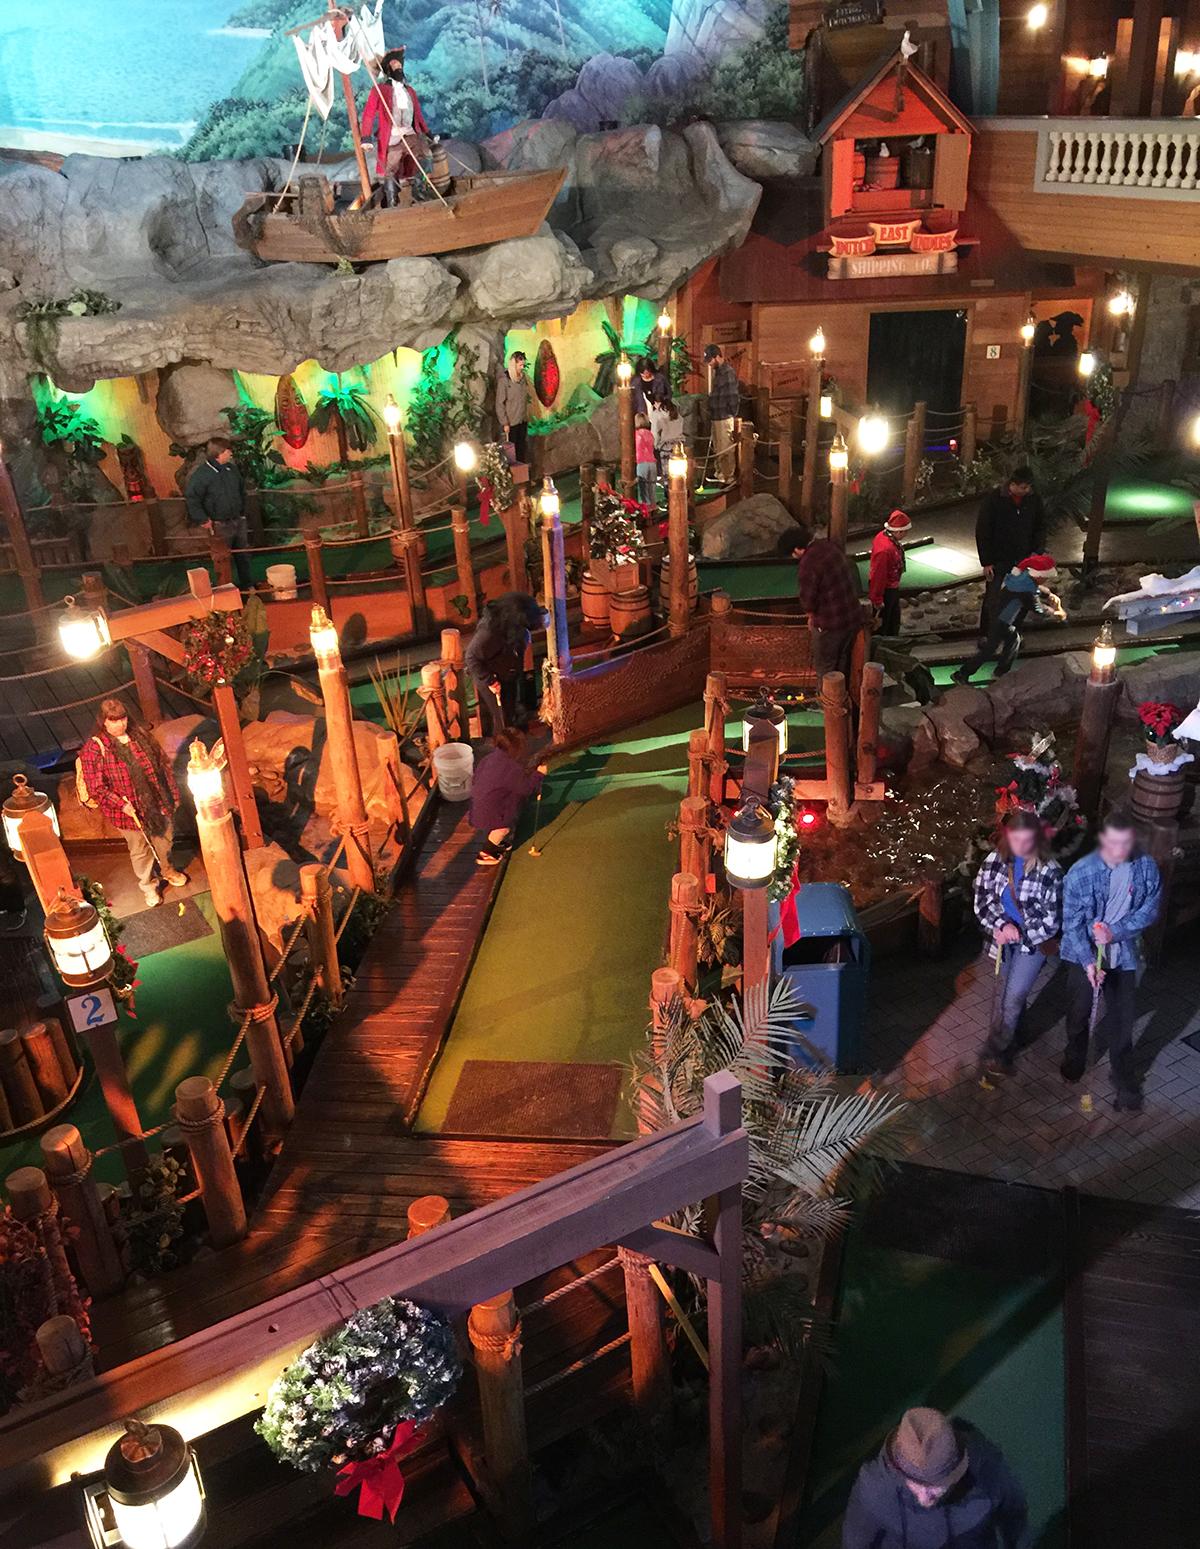 Pirate's Cove Mini-Golf